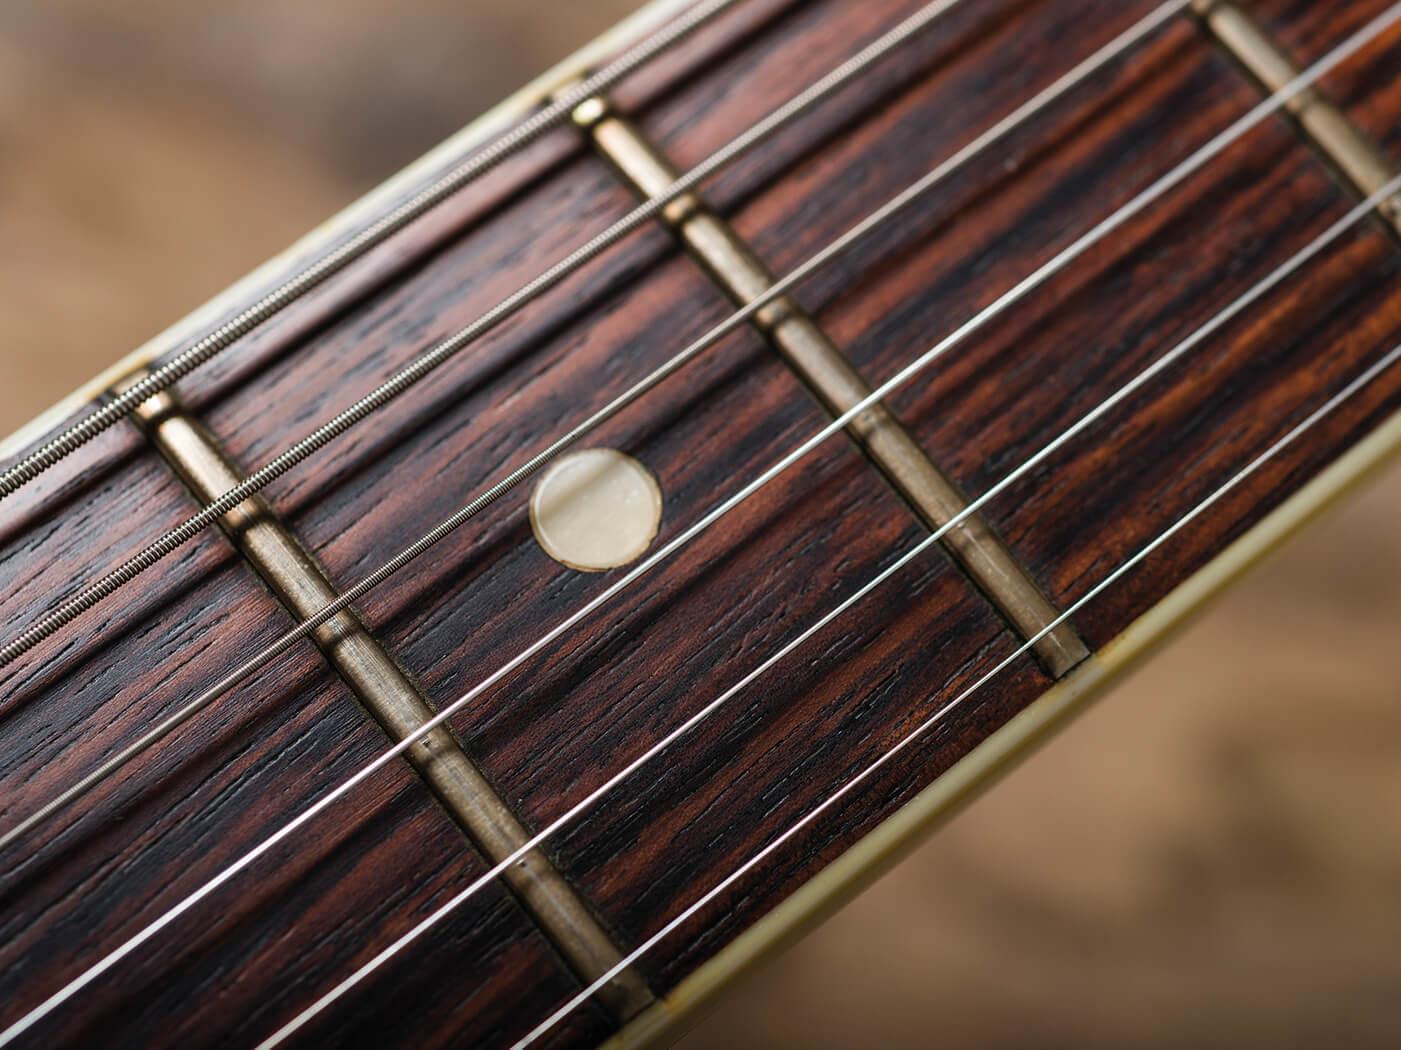 Fender 1966 Jazzmaster Ocean Turquoise fingerboard binding